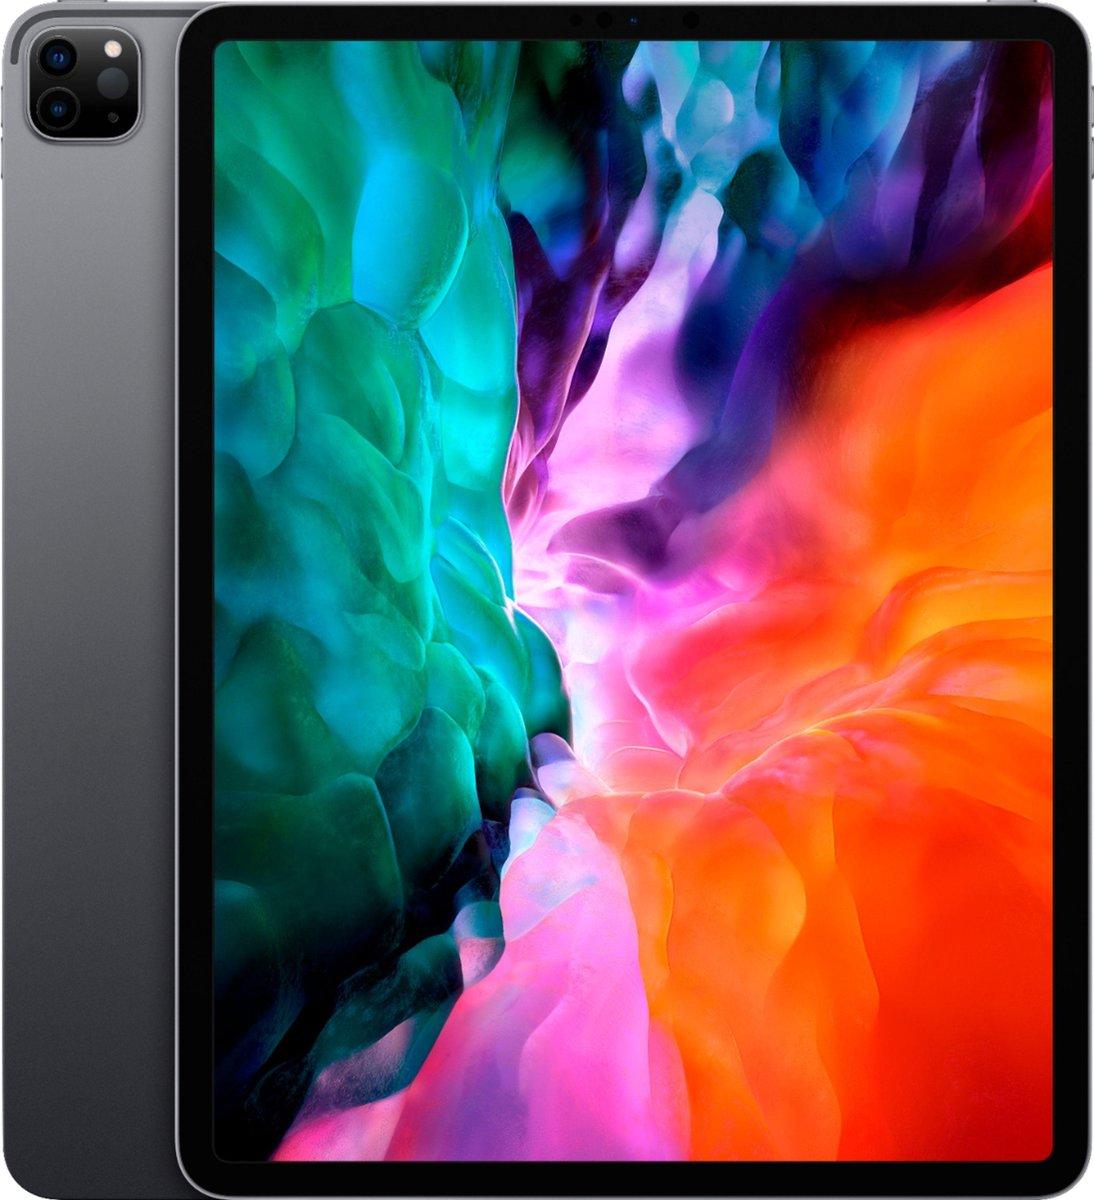 Apple iPad Pro 12.9 4e Generatie – Gereviseerd door SUPREME MOBILE – A GRADE – Alleen Wi-Fi – 256 GB – Ruimte Grijs